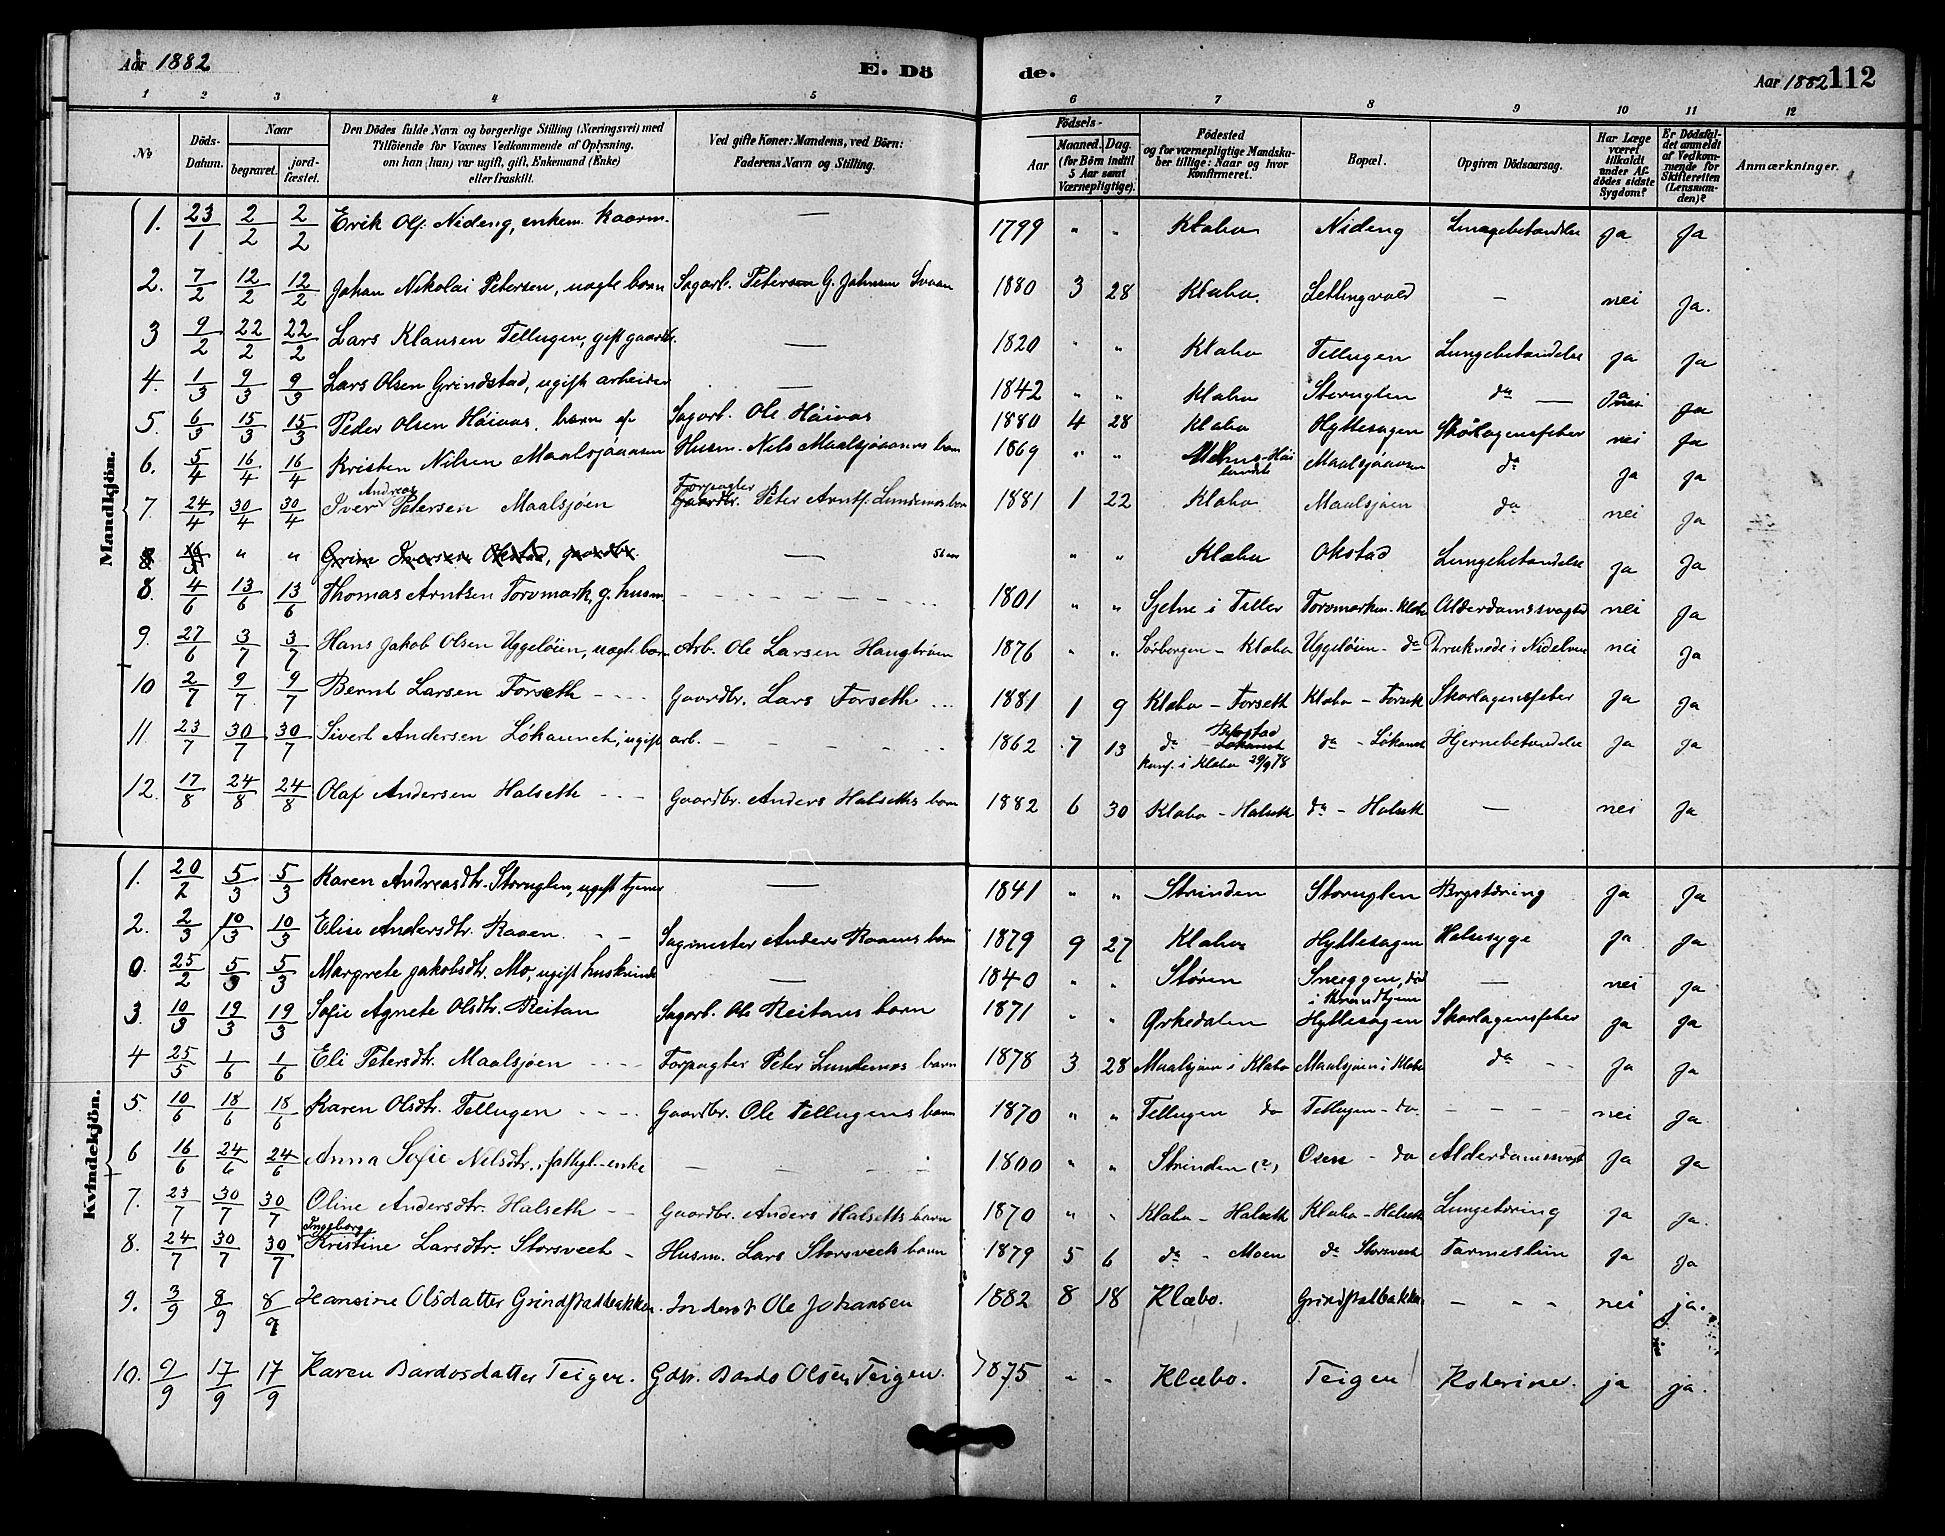 SAT, Ministerialprotokoller, klokkerbøker og fødselsregistre - Sør-Trøndelag, 618/L0444: Ministerialbok nr. 618A07, 1880-1898, s. 112